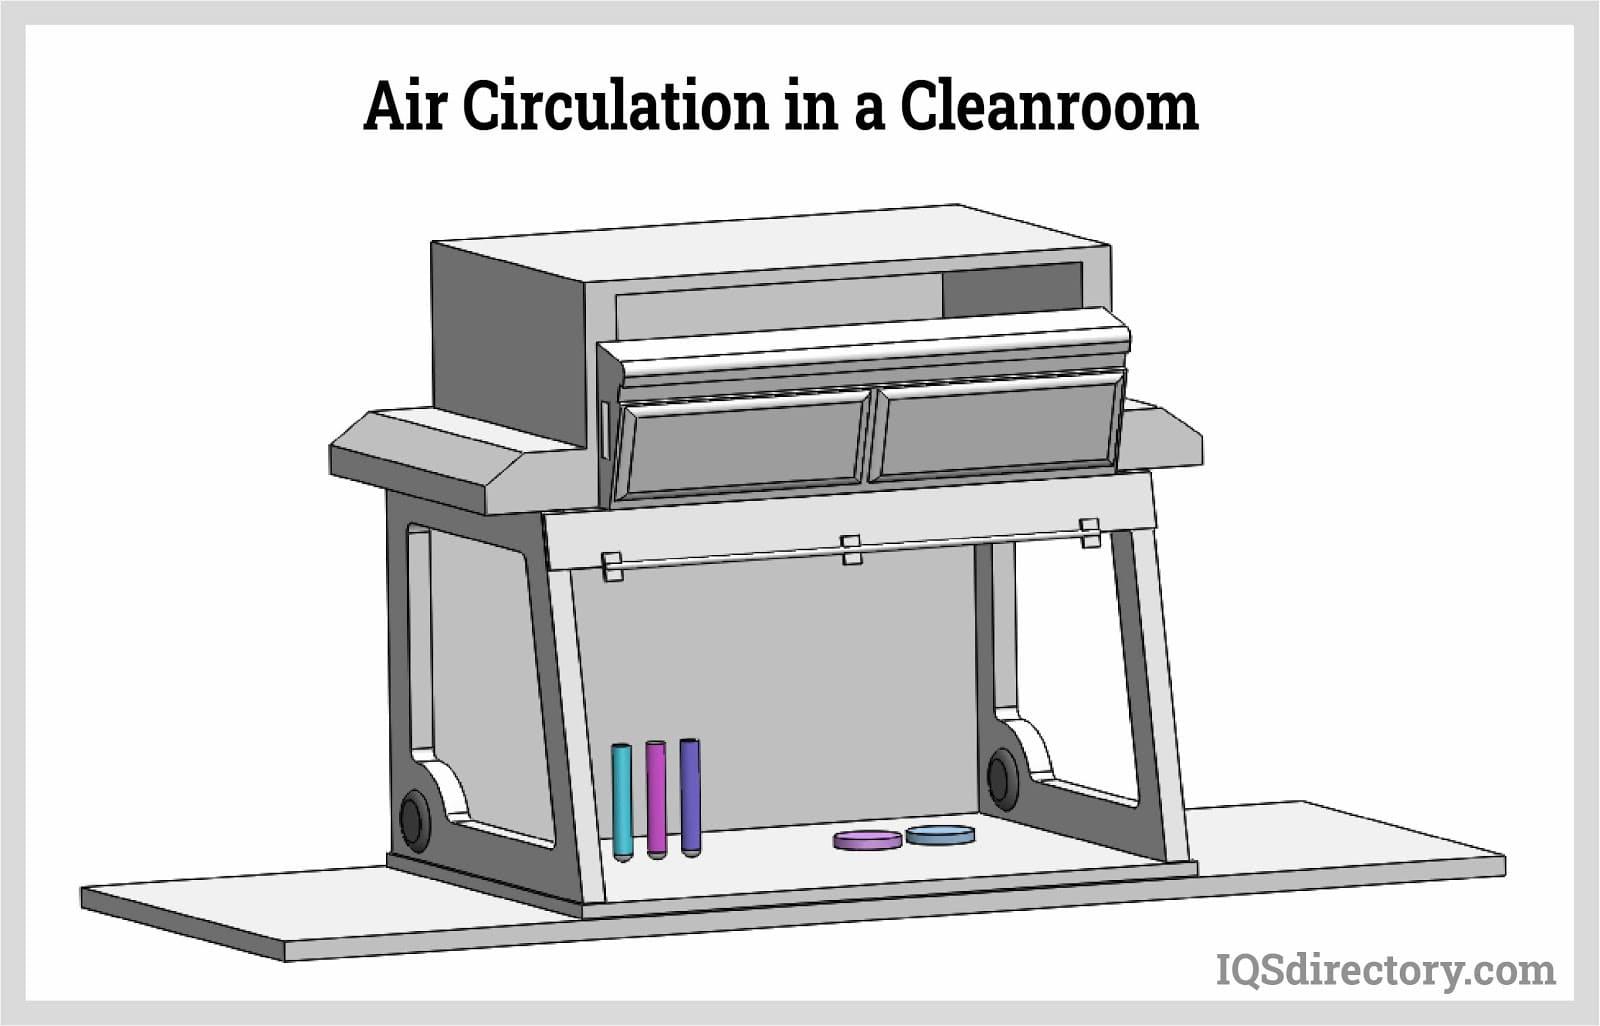 Air Circulation in a Cleanroom